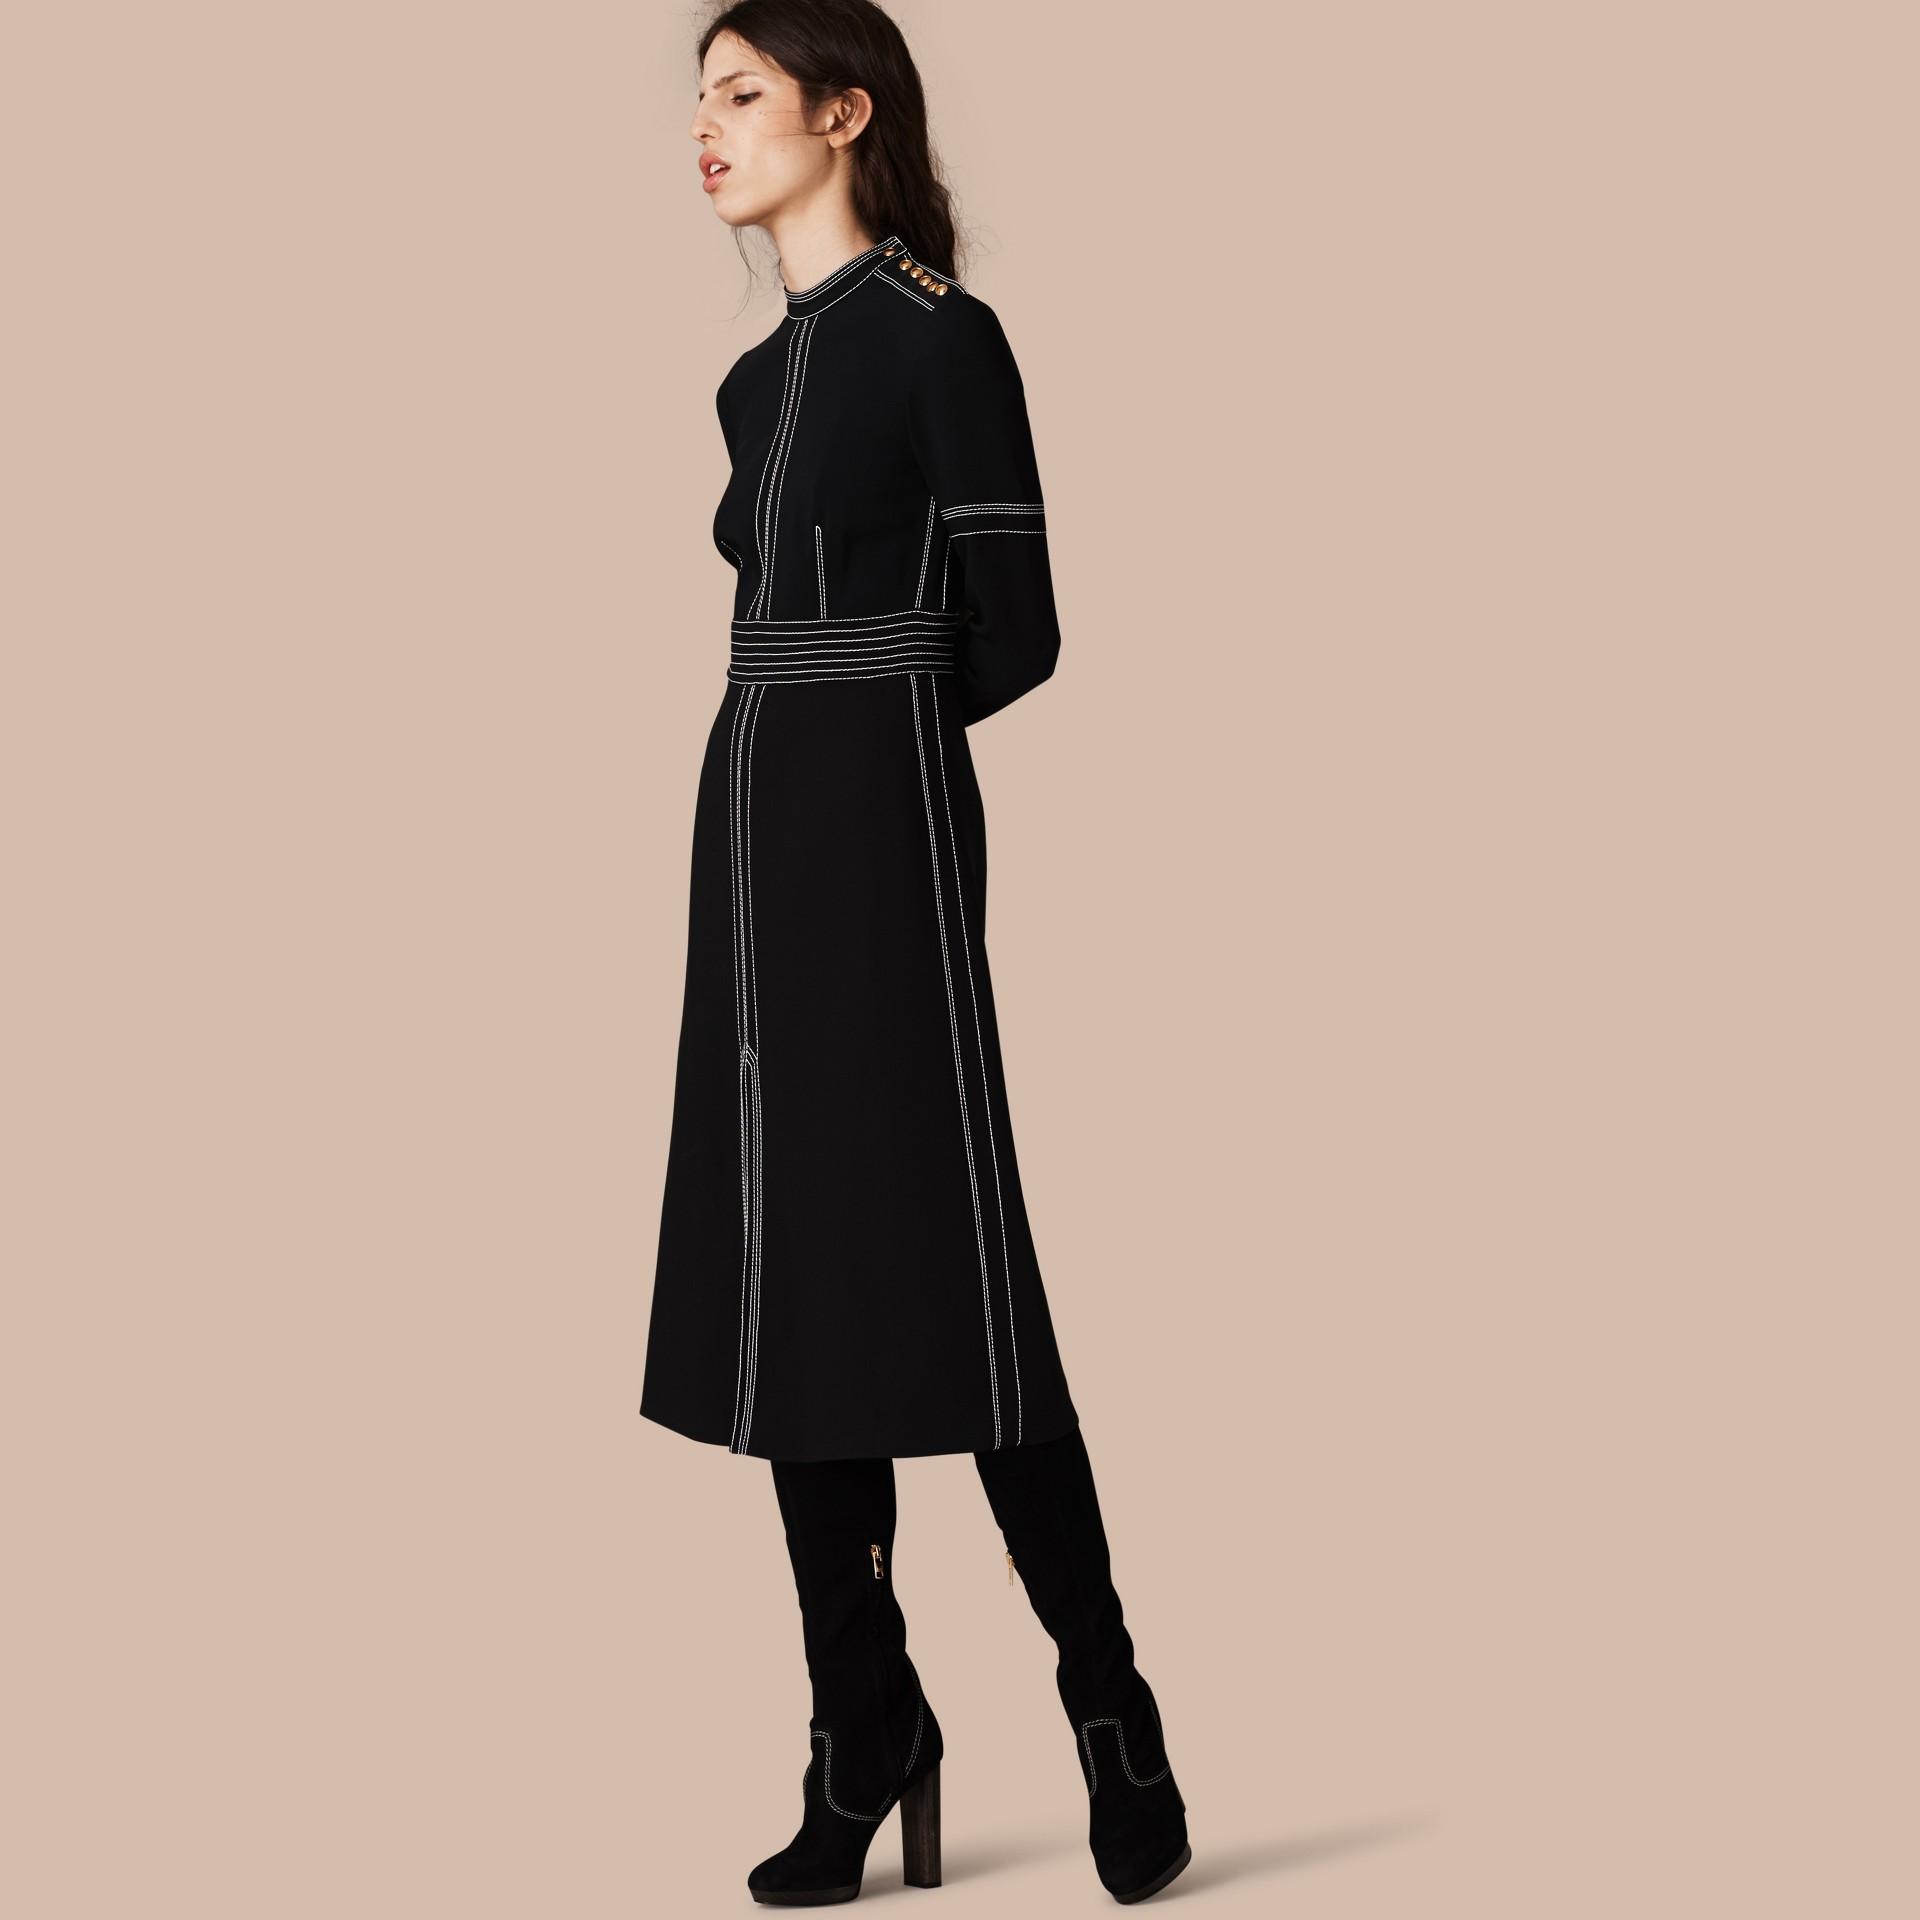 Черный Узкое платье в стиле милитари - изображение 1